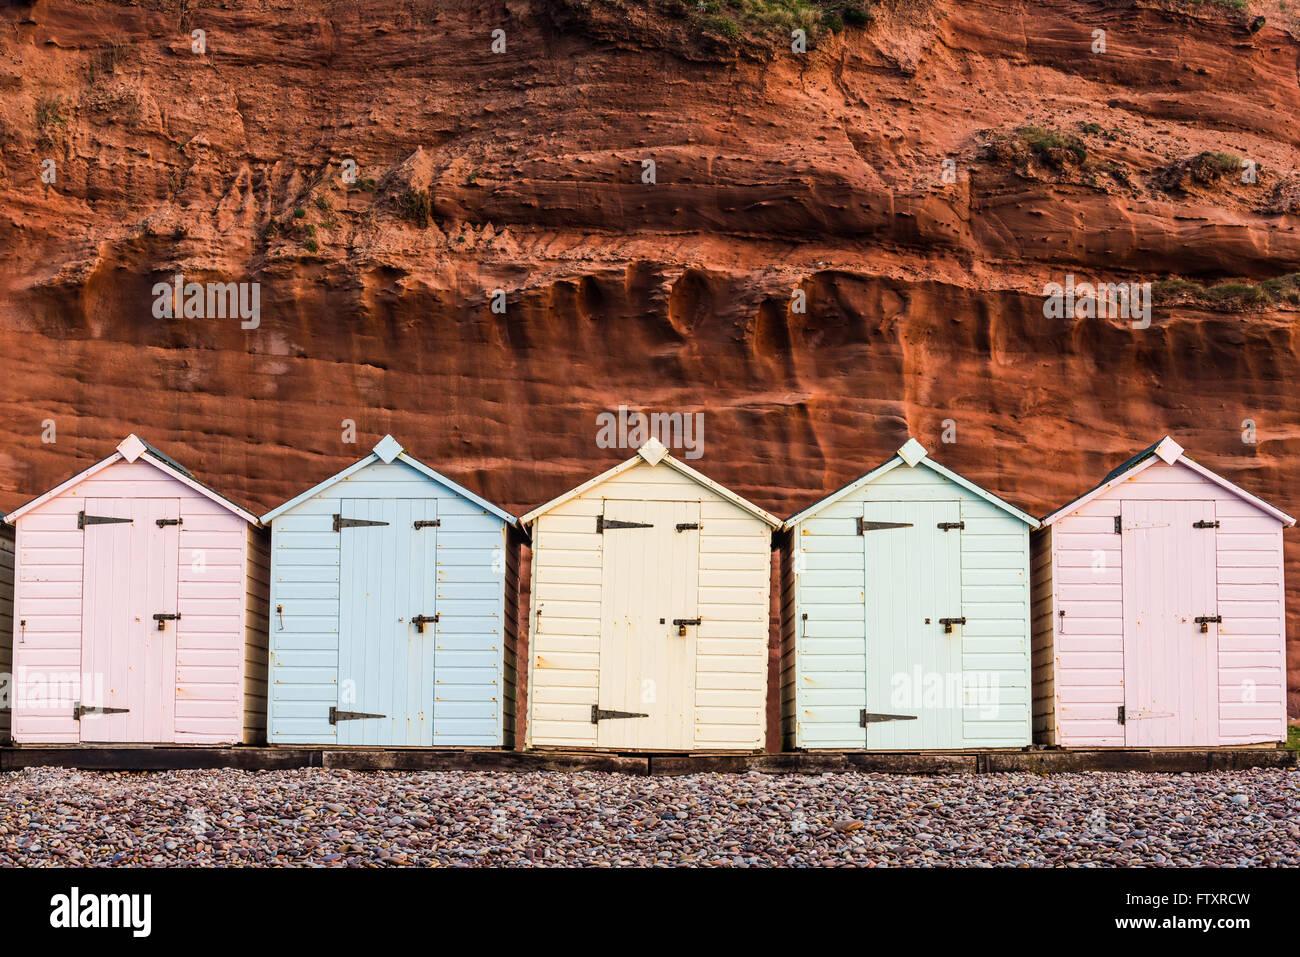 Beach Hut fila in colori pastello, roccia rossa sfondo, South Devon, Regno Unito Immagini Stock